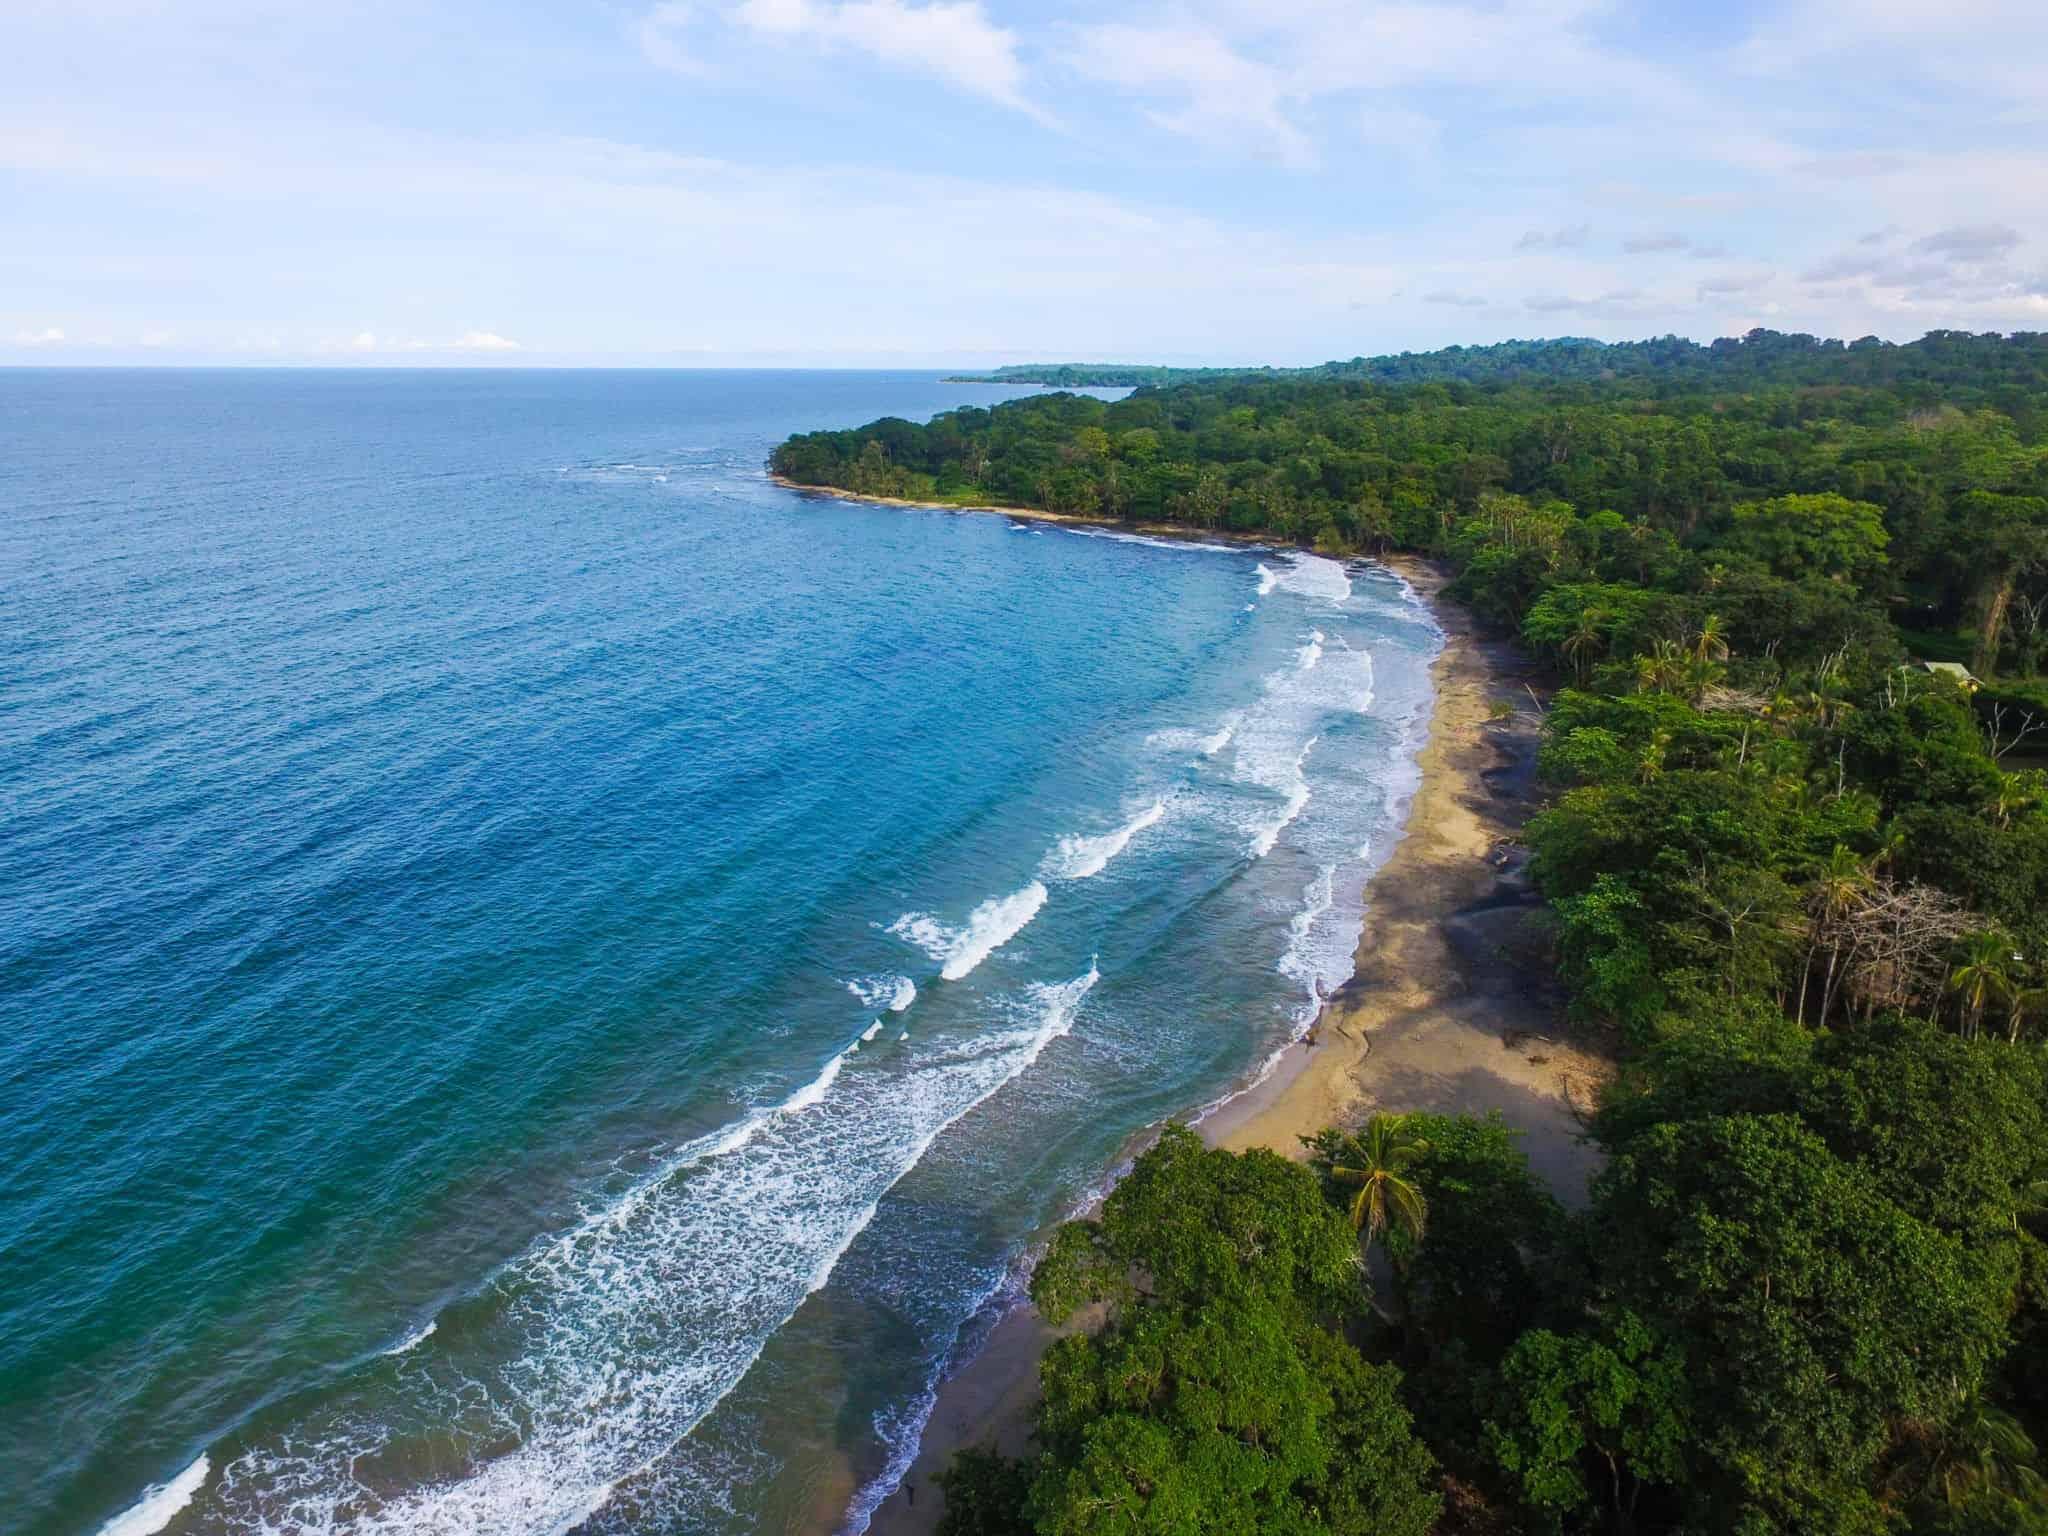 Trovare Lavoro In Costa Rica rifugio manzanillo, costa rica: informazioni e consigli su